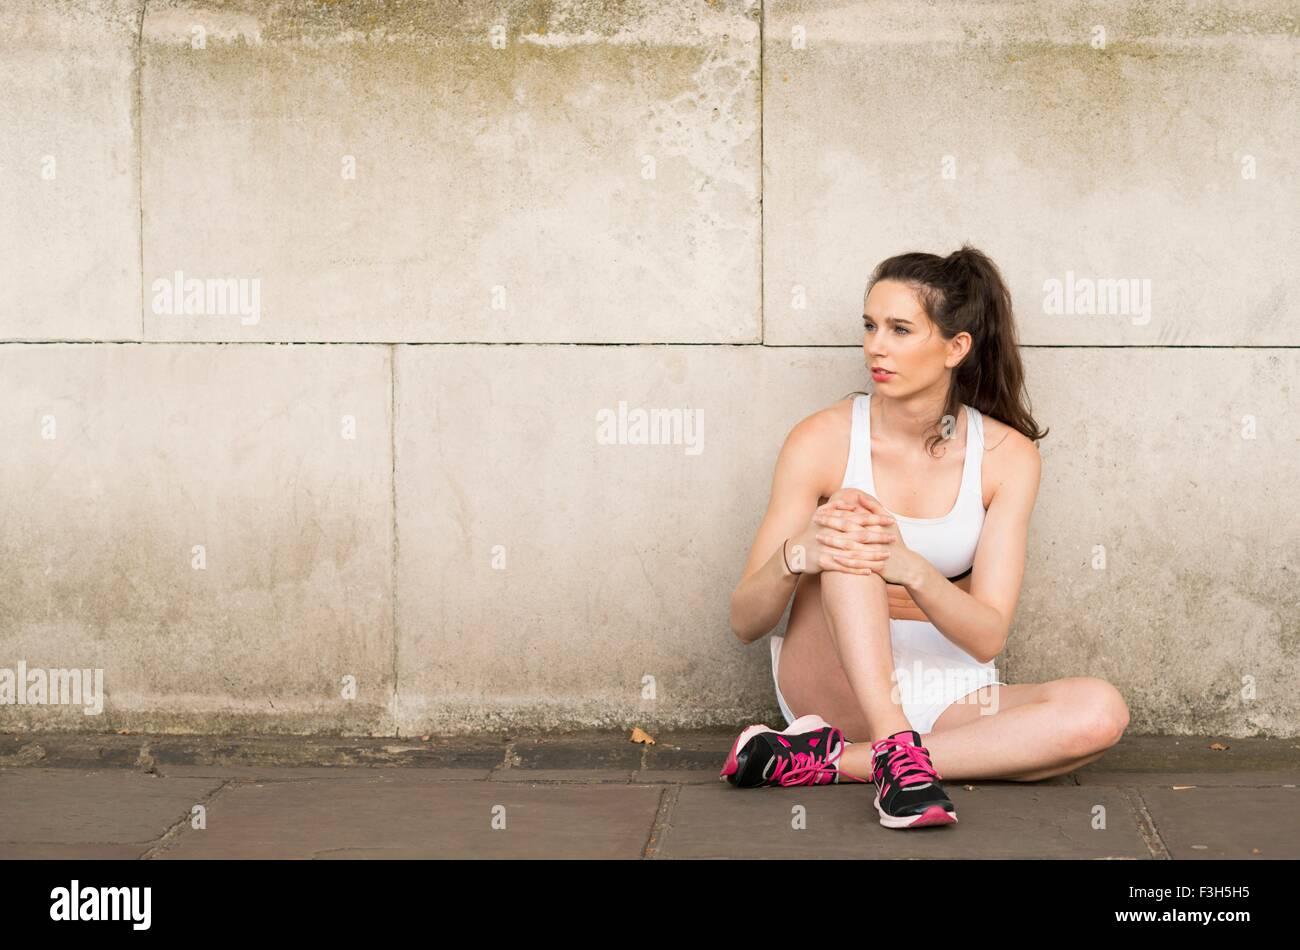 Giovani femmine runner seduta sul marciapiede guardando lateralmente Immagini Stock